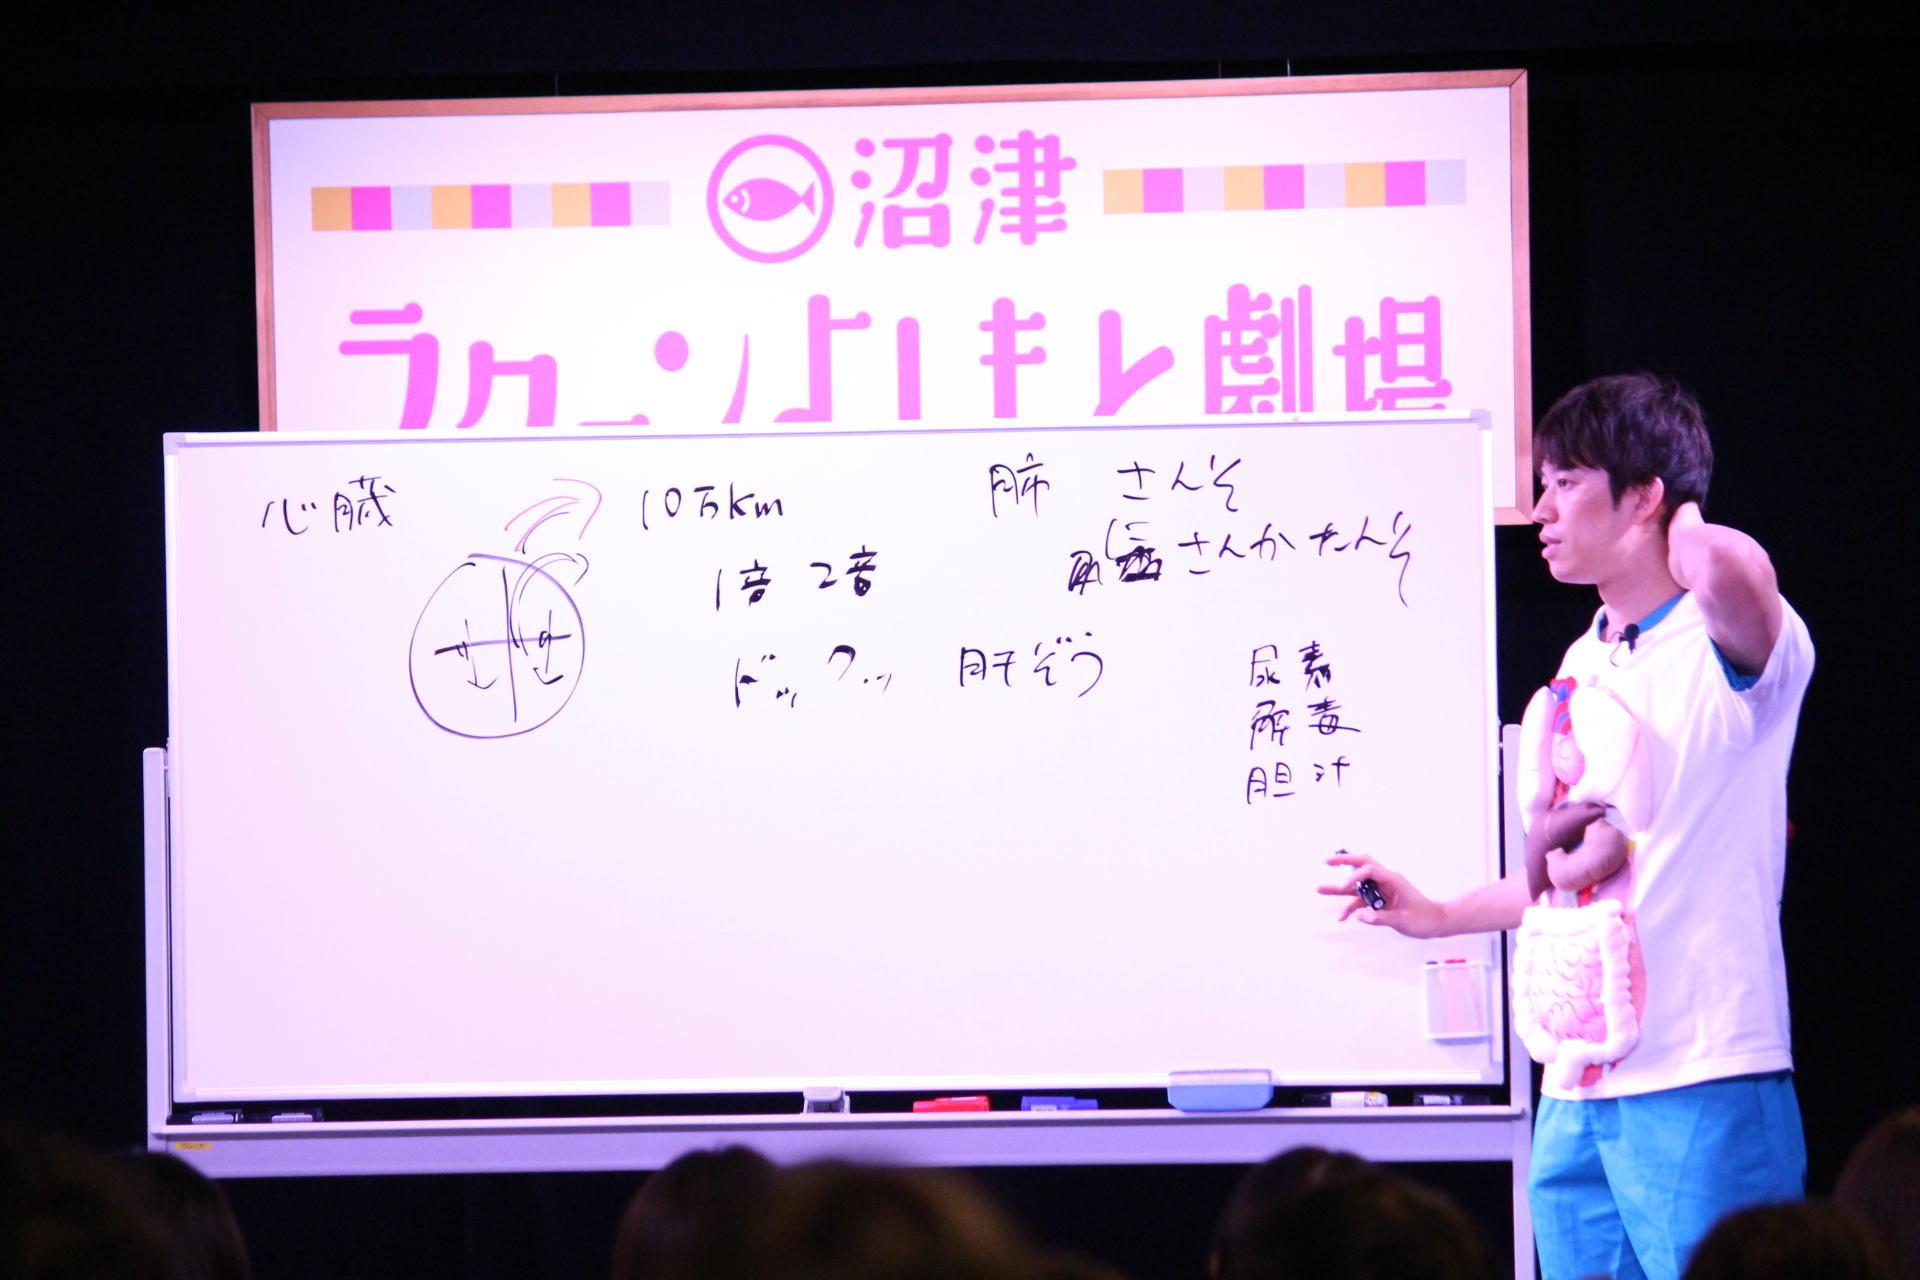 http://news.yoshimoto.co.jp/20181109172028-21c18cd997cfa05fc12625efc5546bb1990091b1.jpg